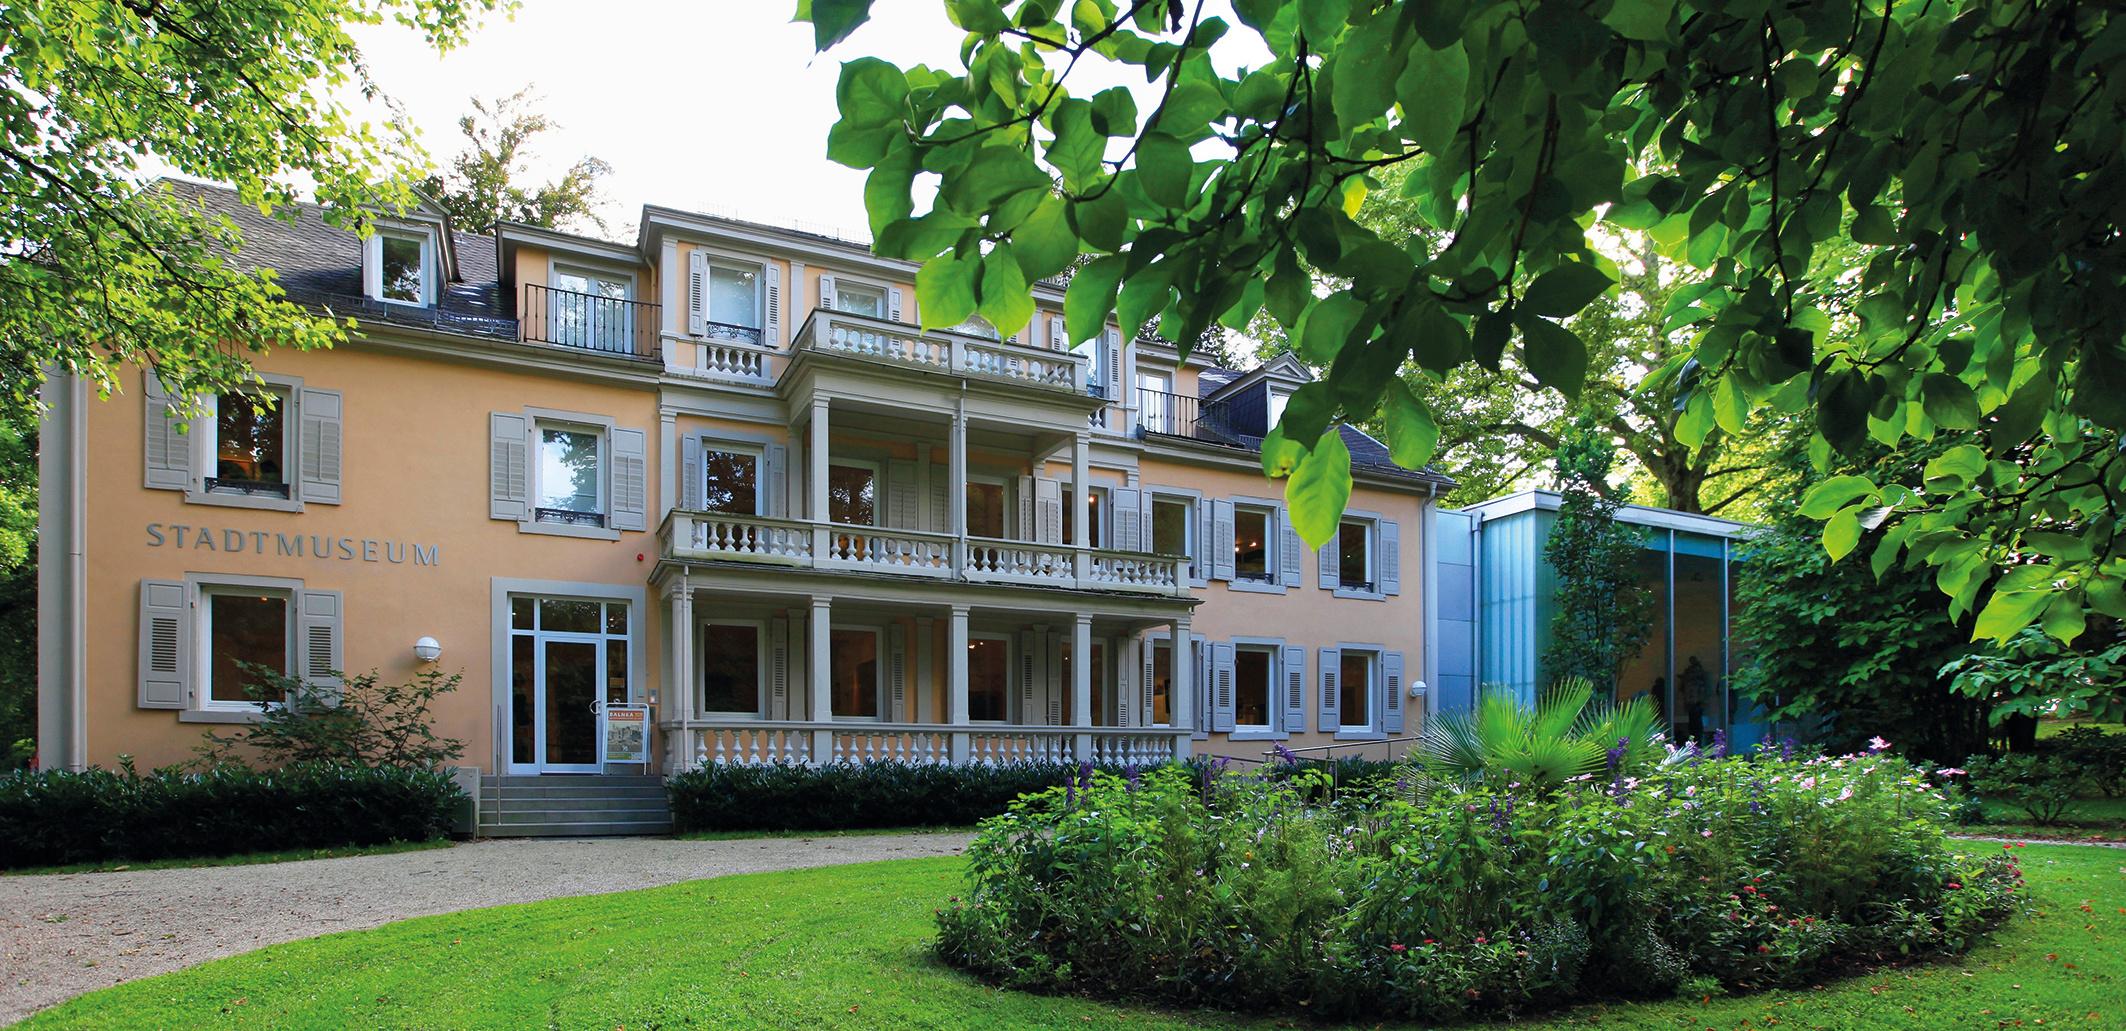 Baden-Baden Stadtmuseum